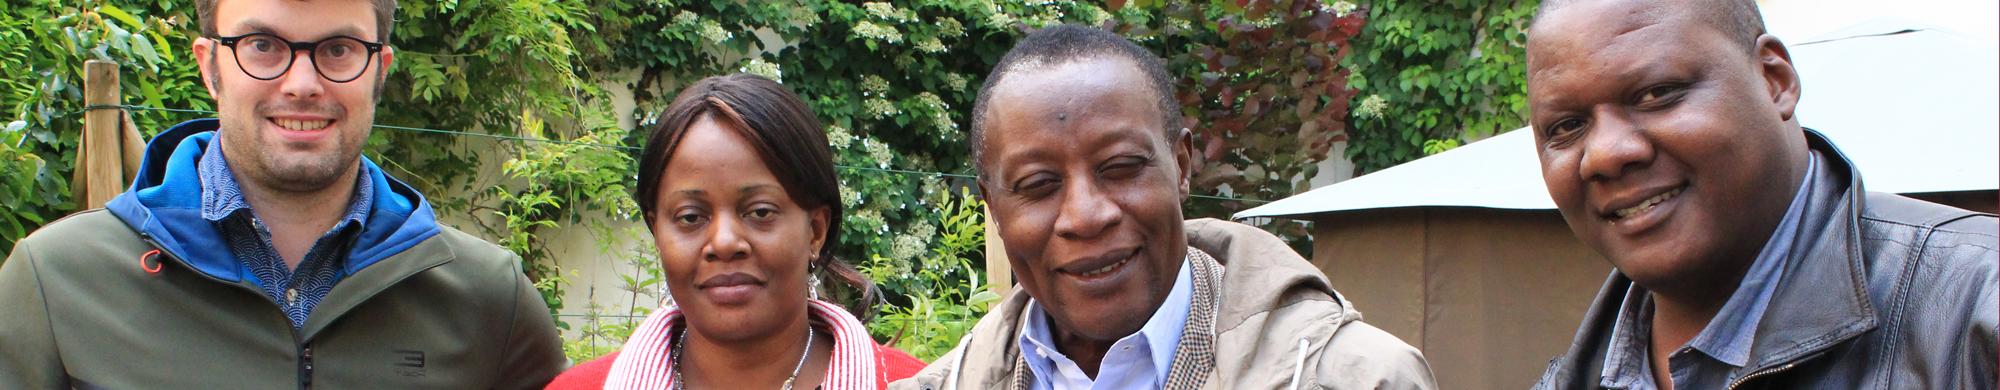 Mireille, nouvelle représentante de SOS Faim en République démocratique du Congo